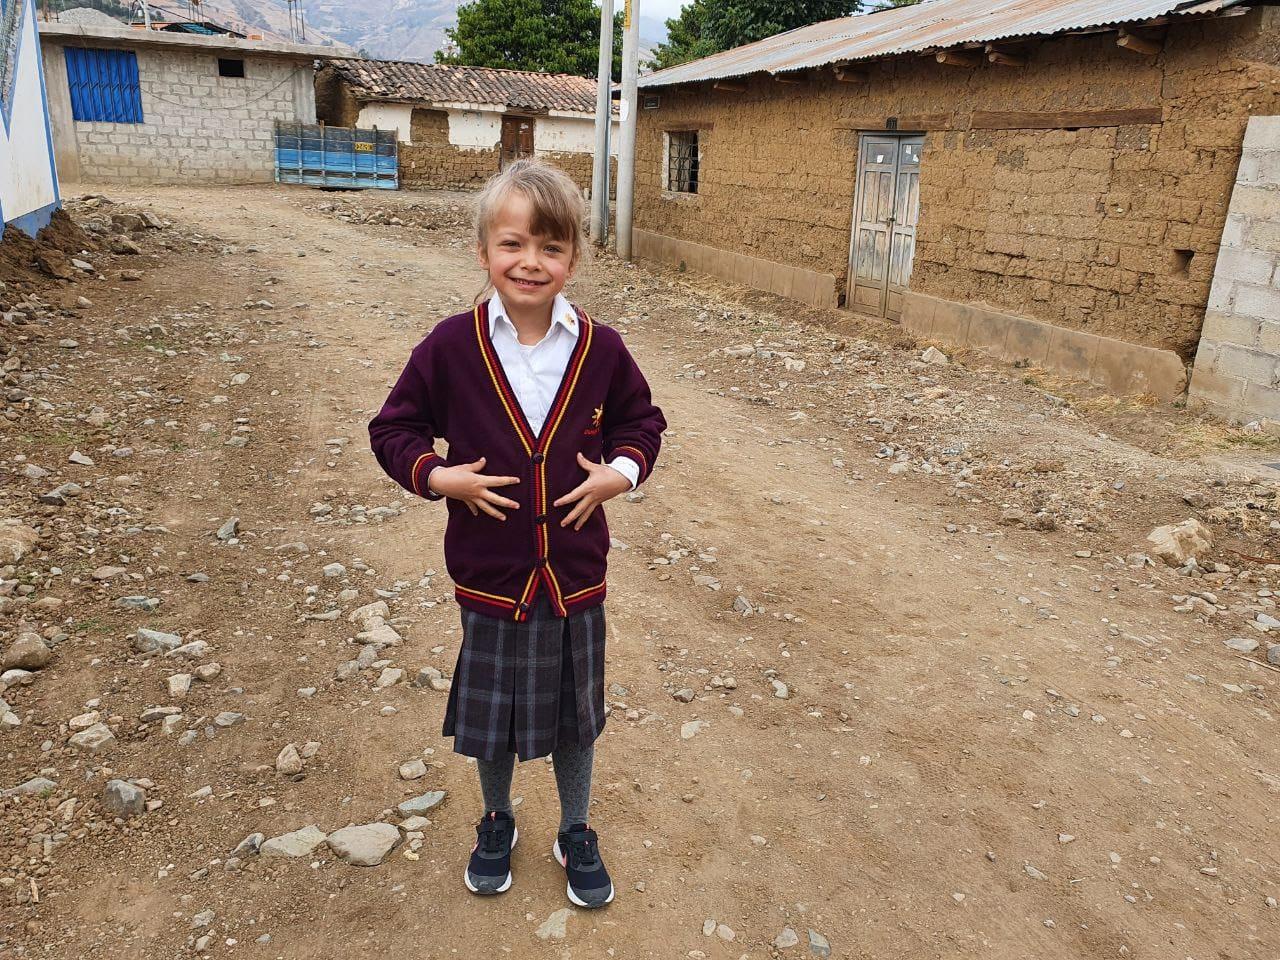 Sie ist mächtig froh über ihre Schuluniform ...